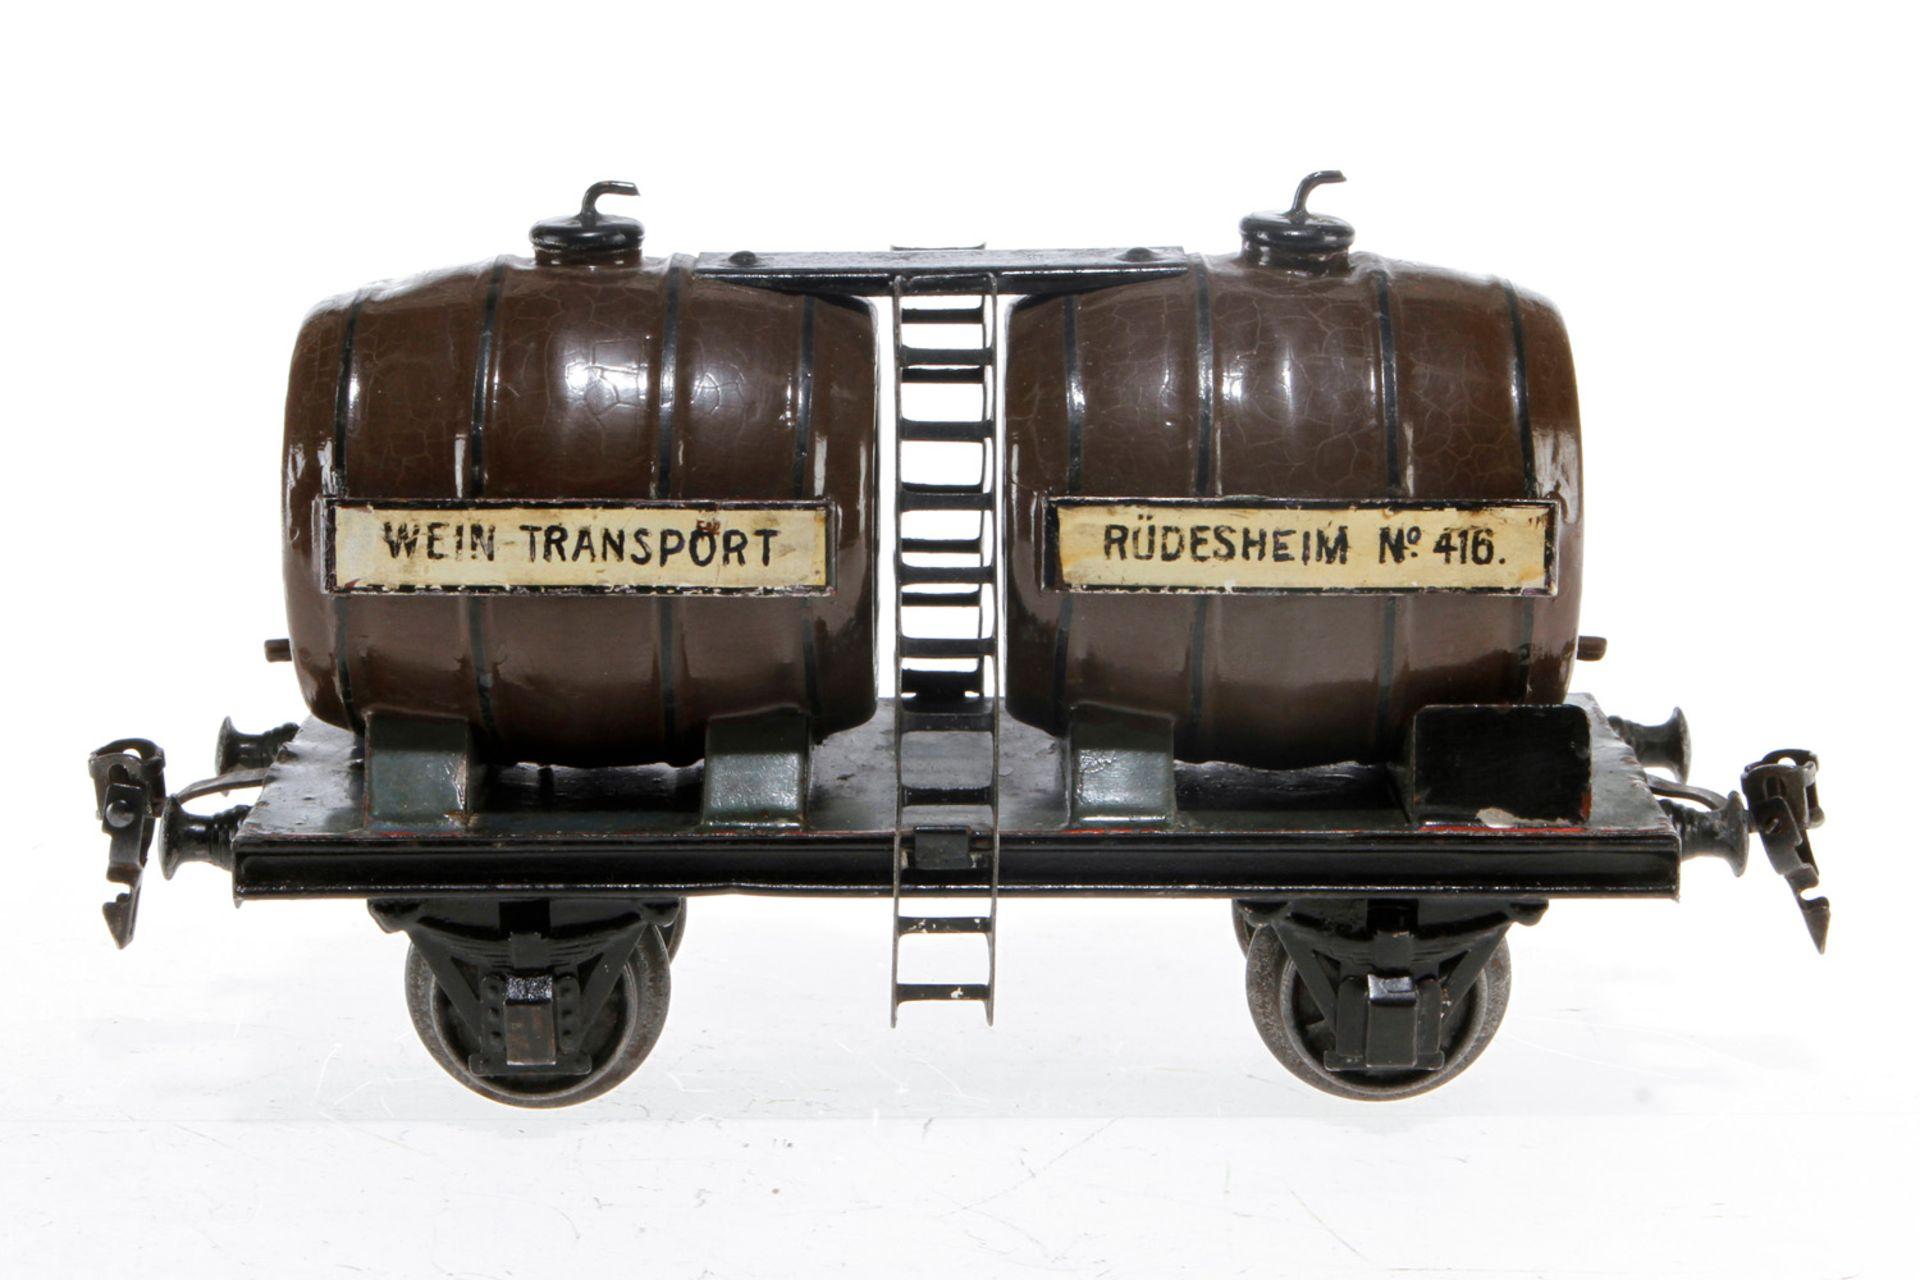 Märklin Weinwagen 2994, S 1, uralt, HL, LS tw ausgebessert, gealterter Lack, L 21, sonst noch Z 2-3